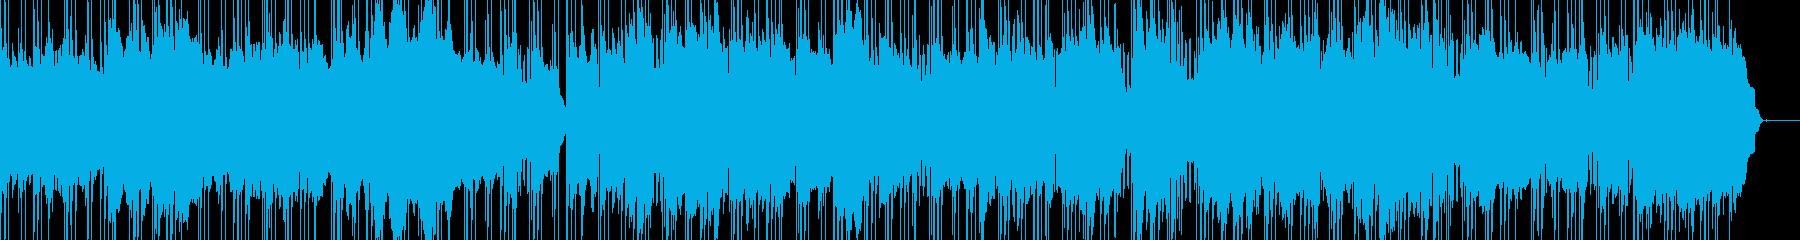 青い空を一線の筋をイメージしましたの再生済みの波形